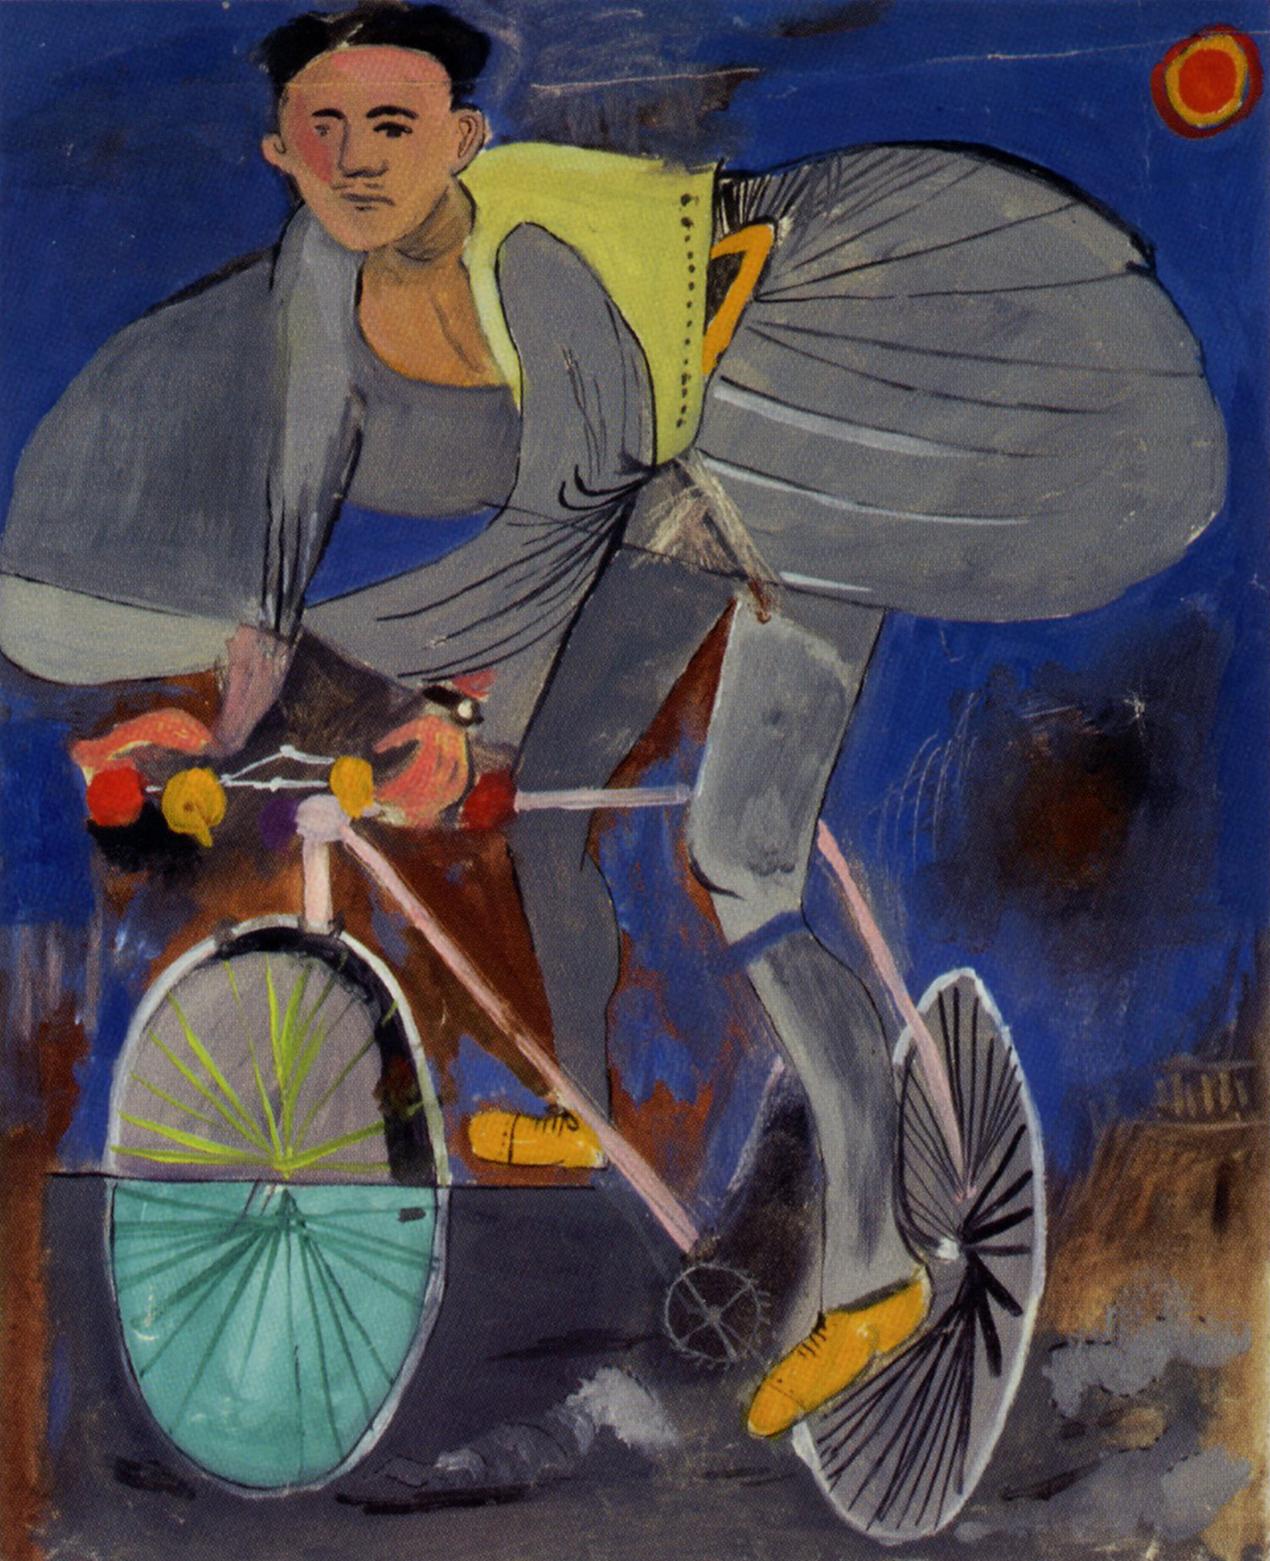 Γιάννης Τσαρούχης -Ποδηλάτης μεταμφιεσμένος σε τσολιά, μ' ένα ναό δεξιά κάτω